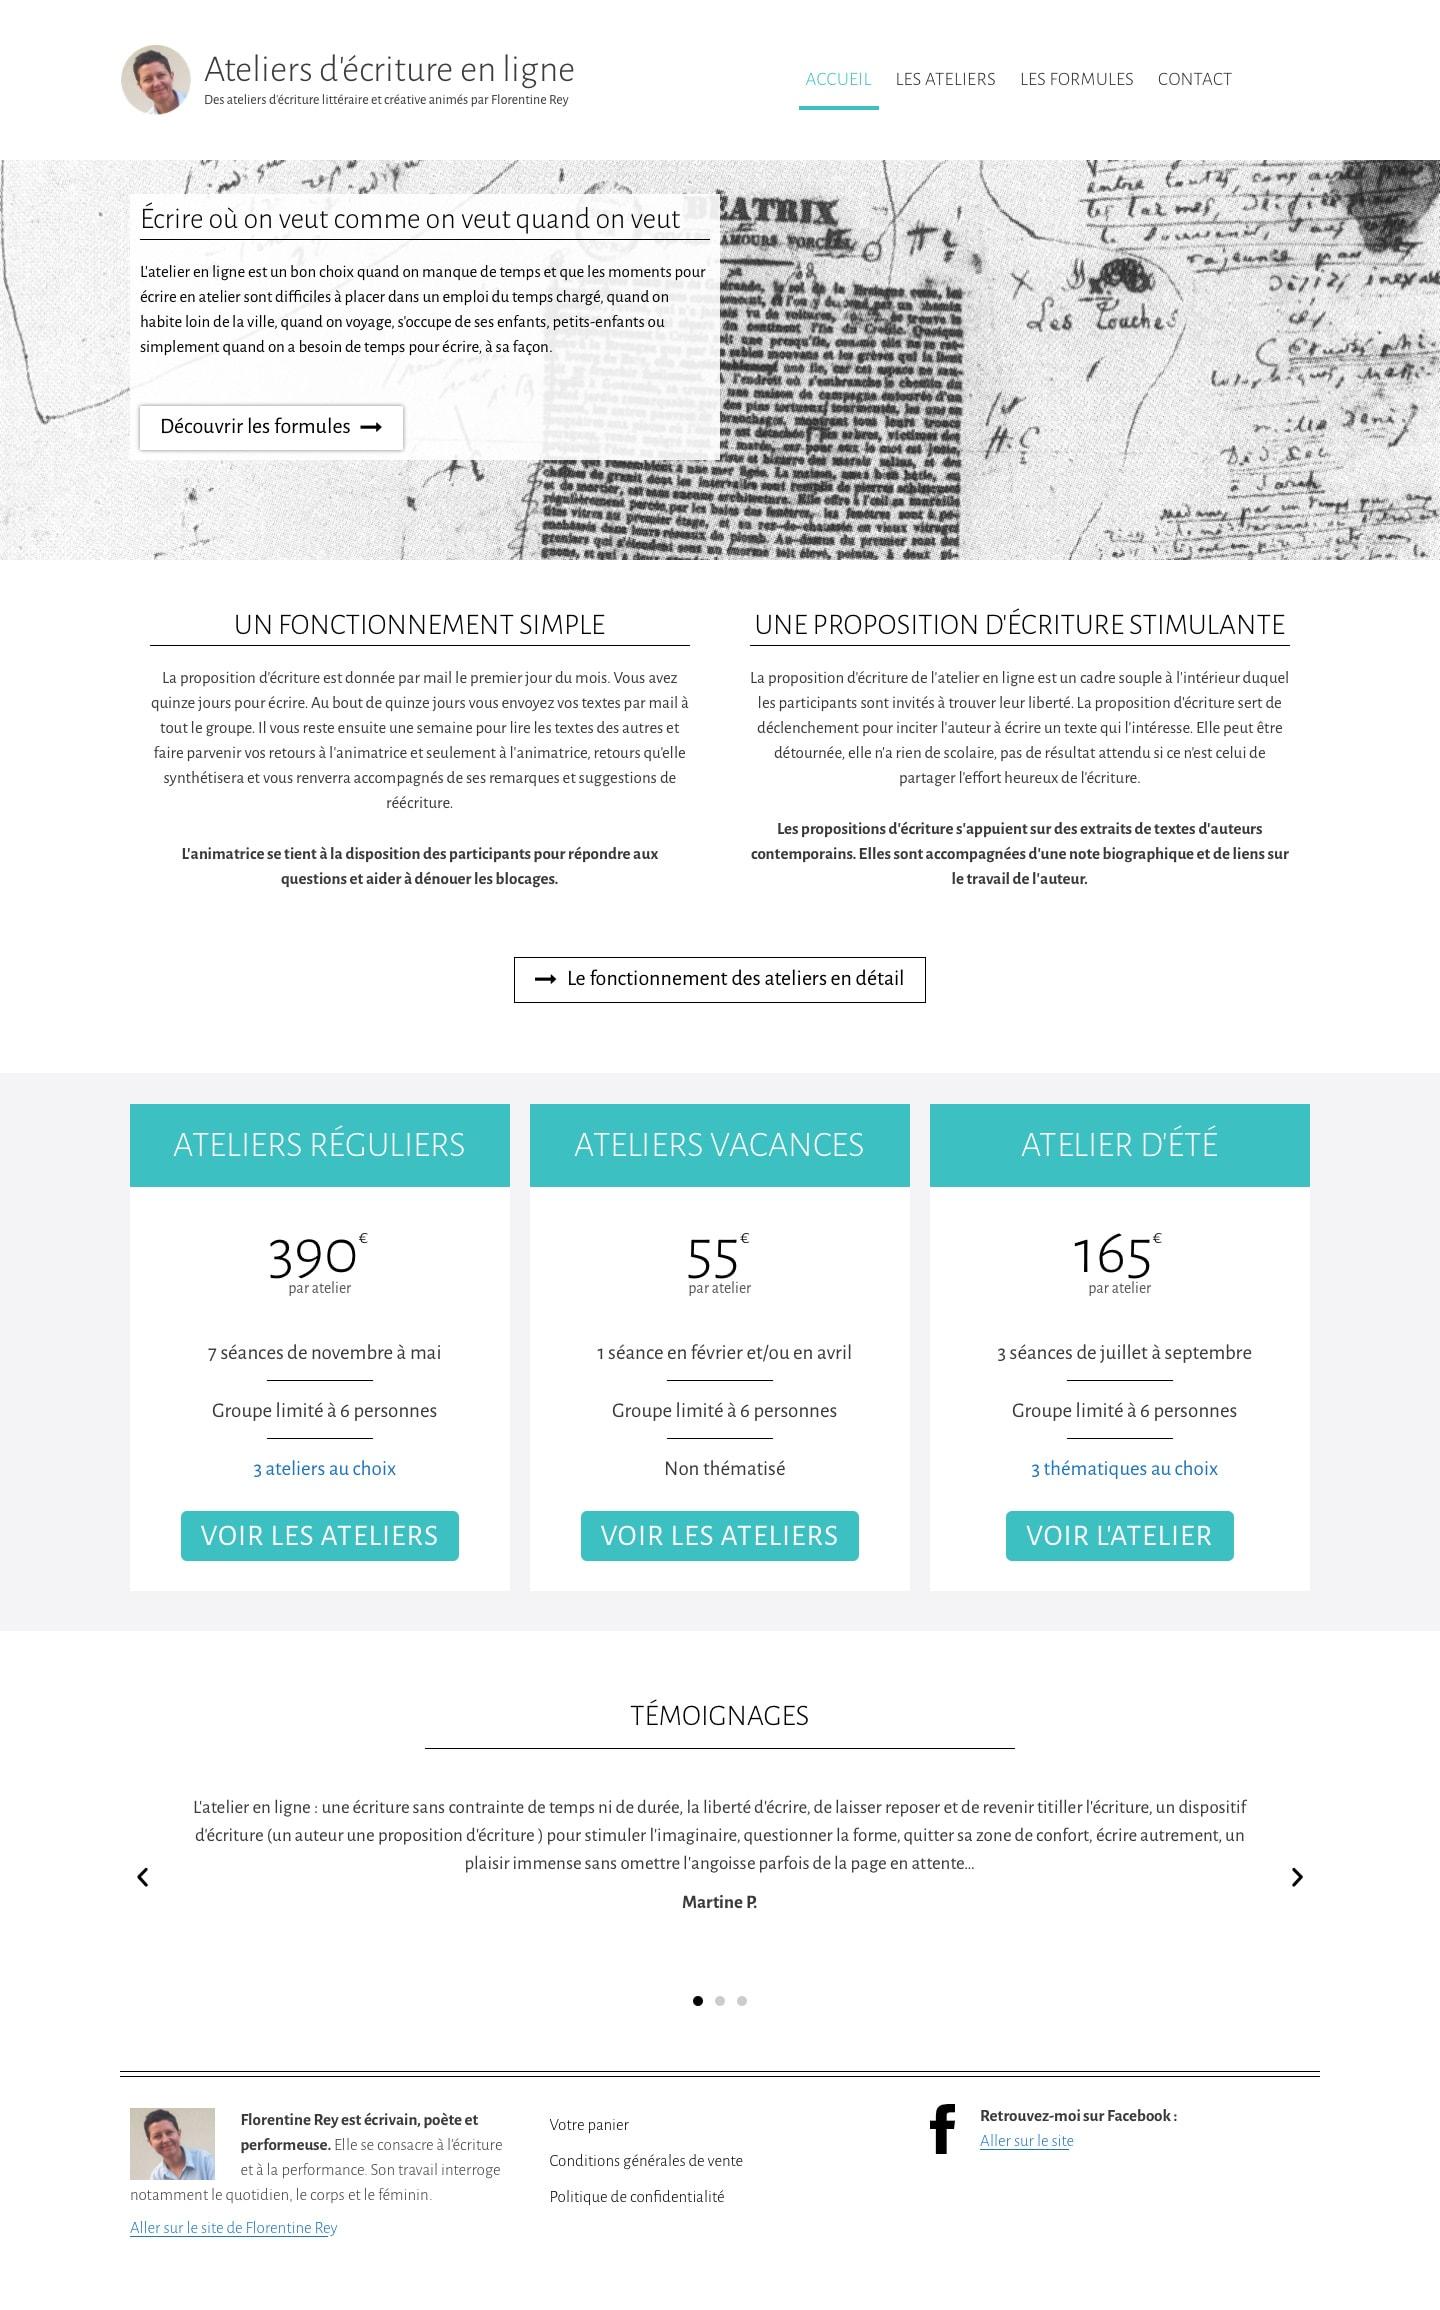 Page sd'Accueil des Ateliers d'écriture en ligne de Florentine Rey